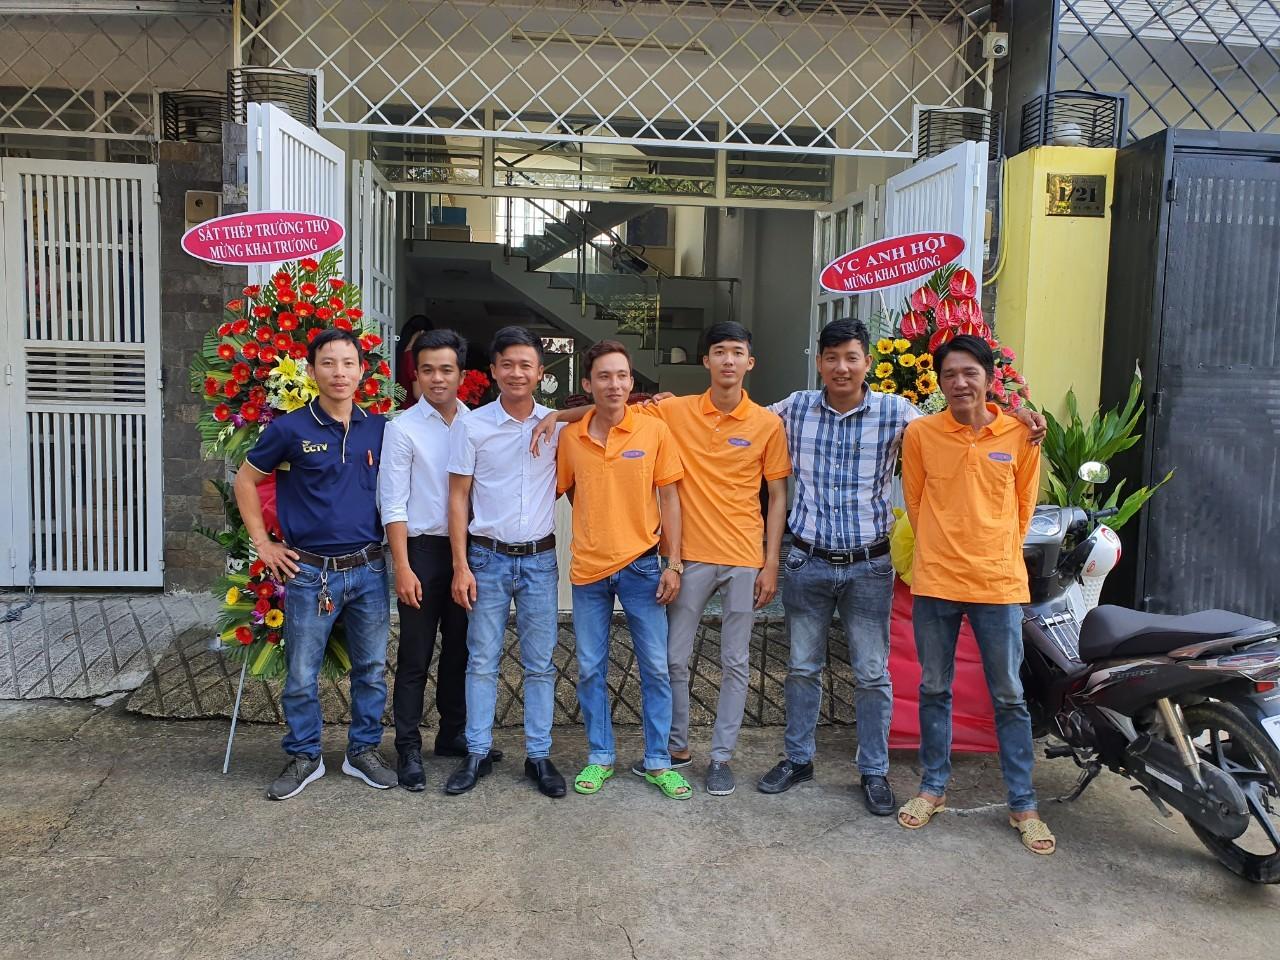 Các Yếu Tố Làm Nên Sự Uy Tín Và Chuyên Nghiệp Của Sửa Nhà Sài Gòn.